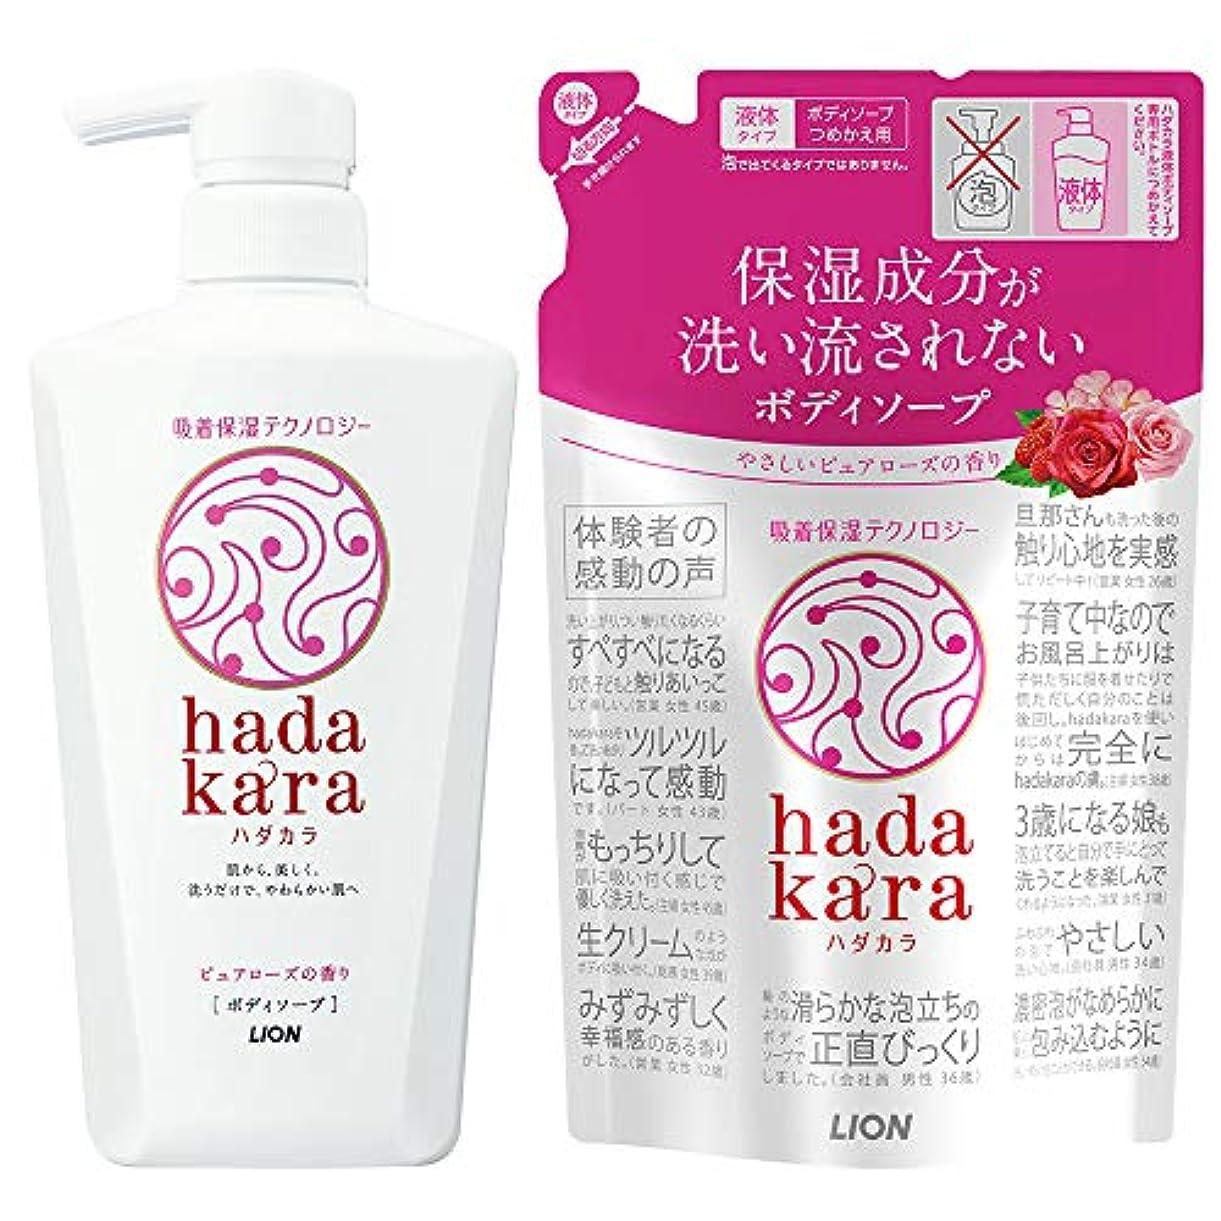 事マルクス主義ハングhadakara(ハダカラ) ボディソープ ピュアローズの香り 本体500ml+つめかえ360ml +